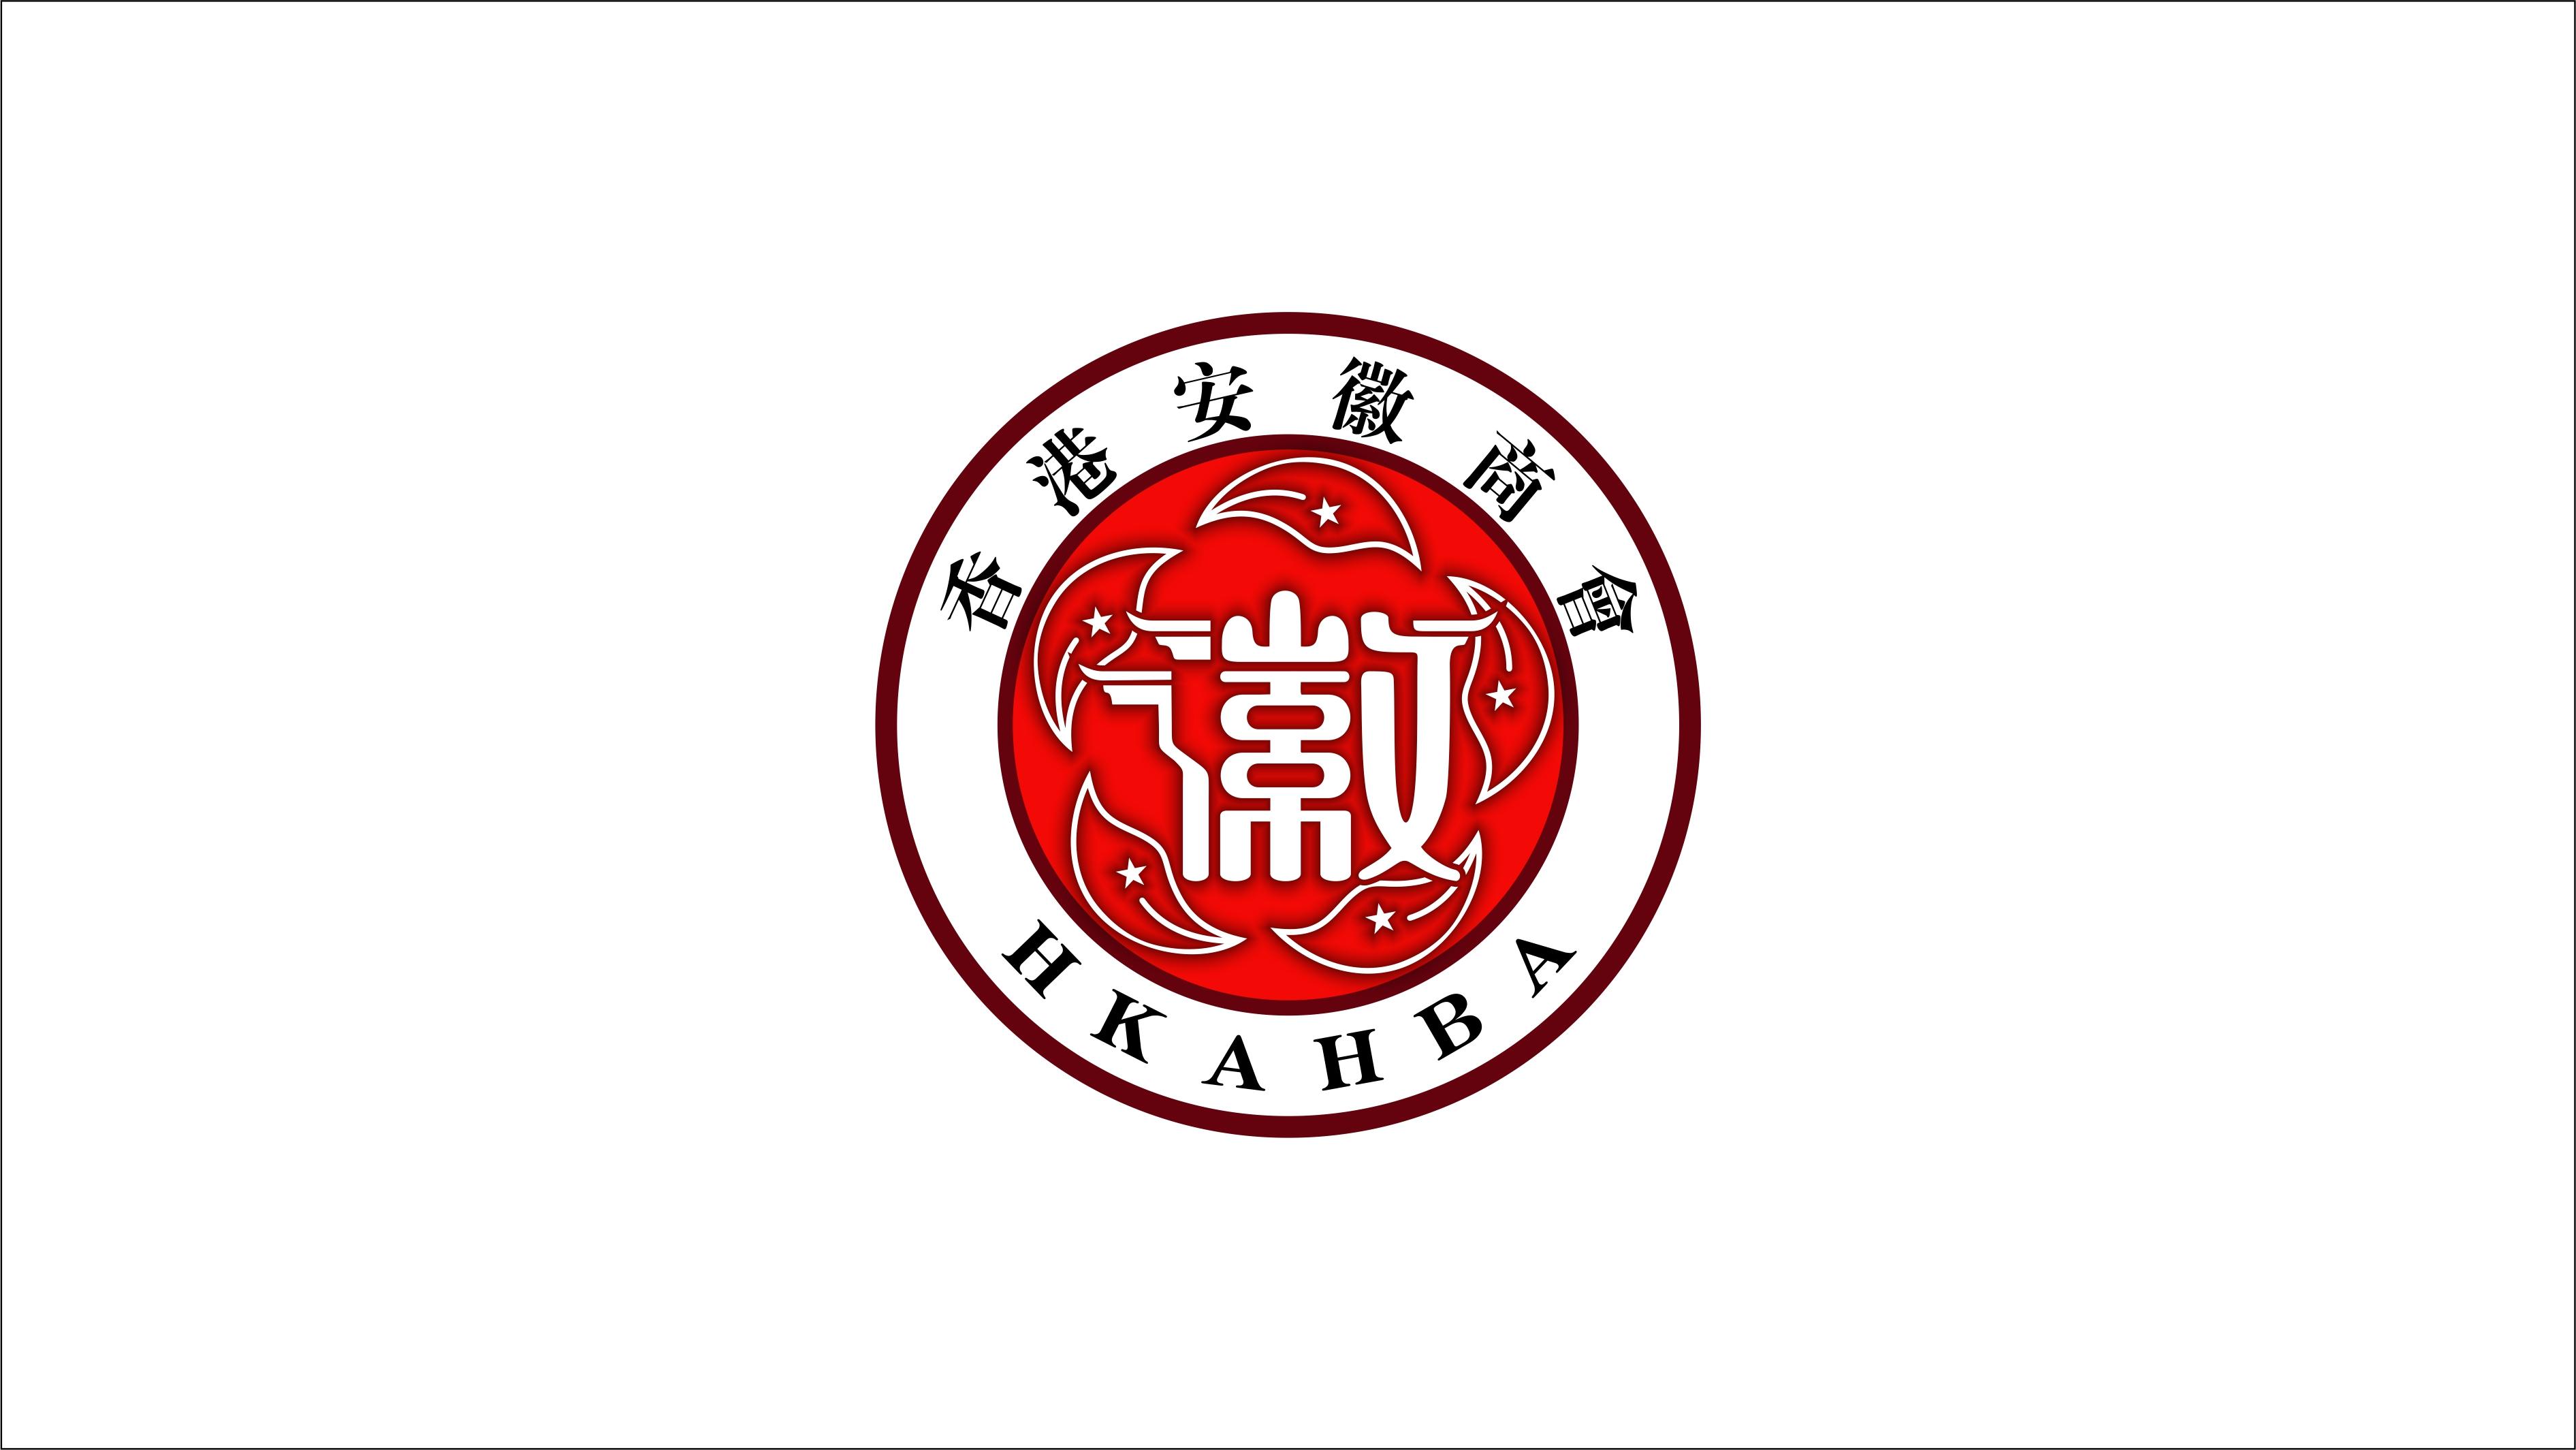 香港安徽商会LOGO设计